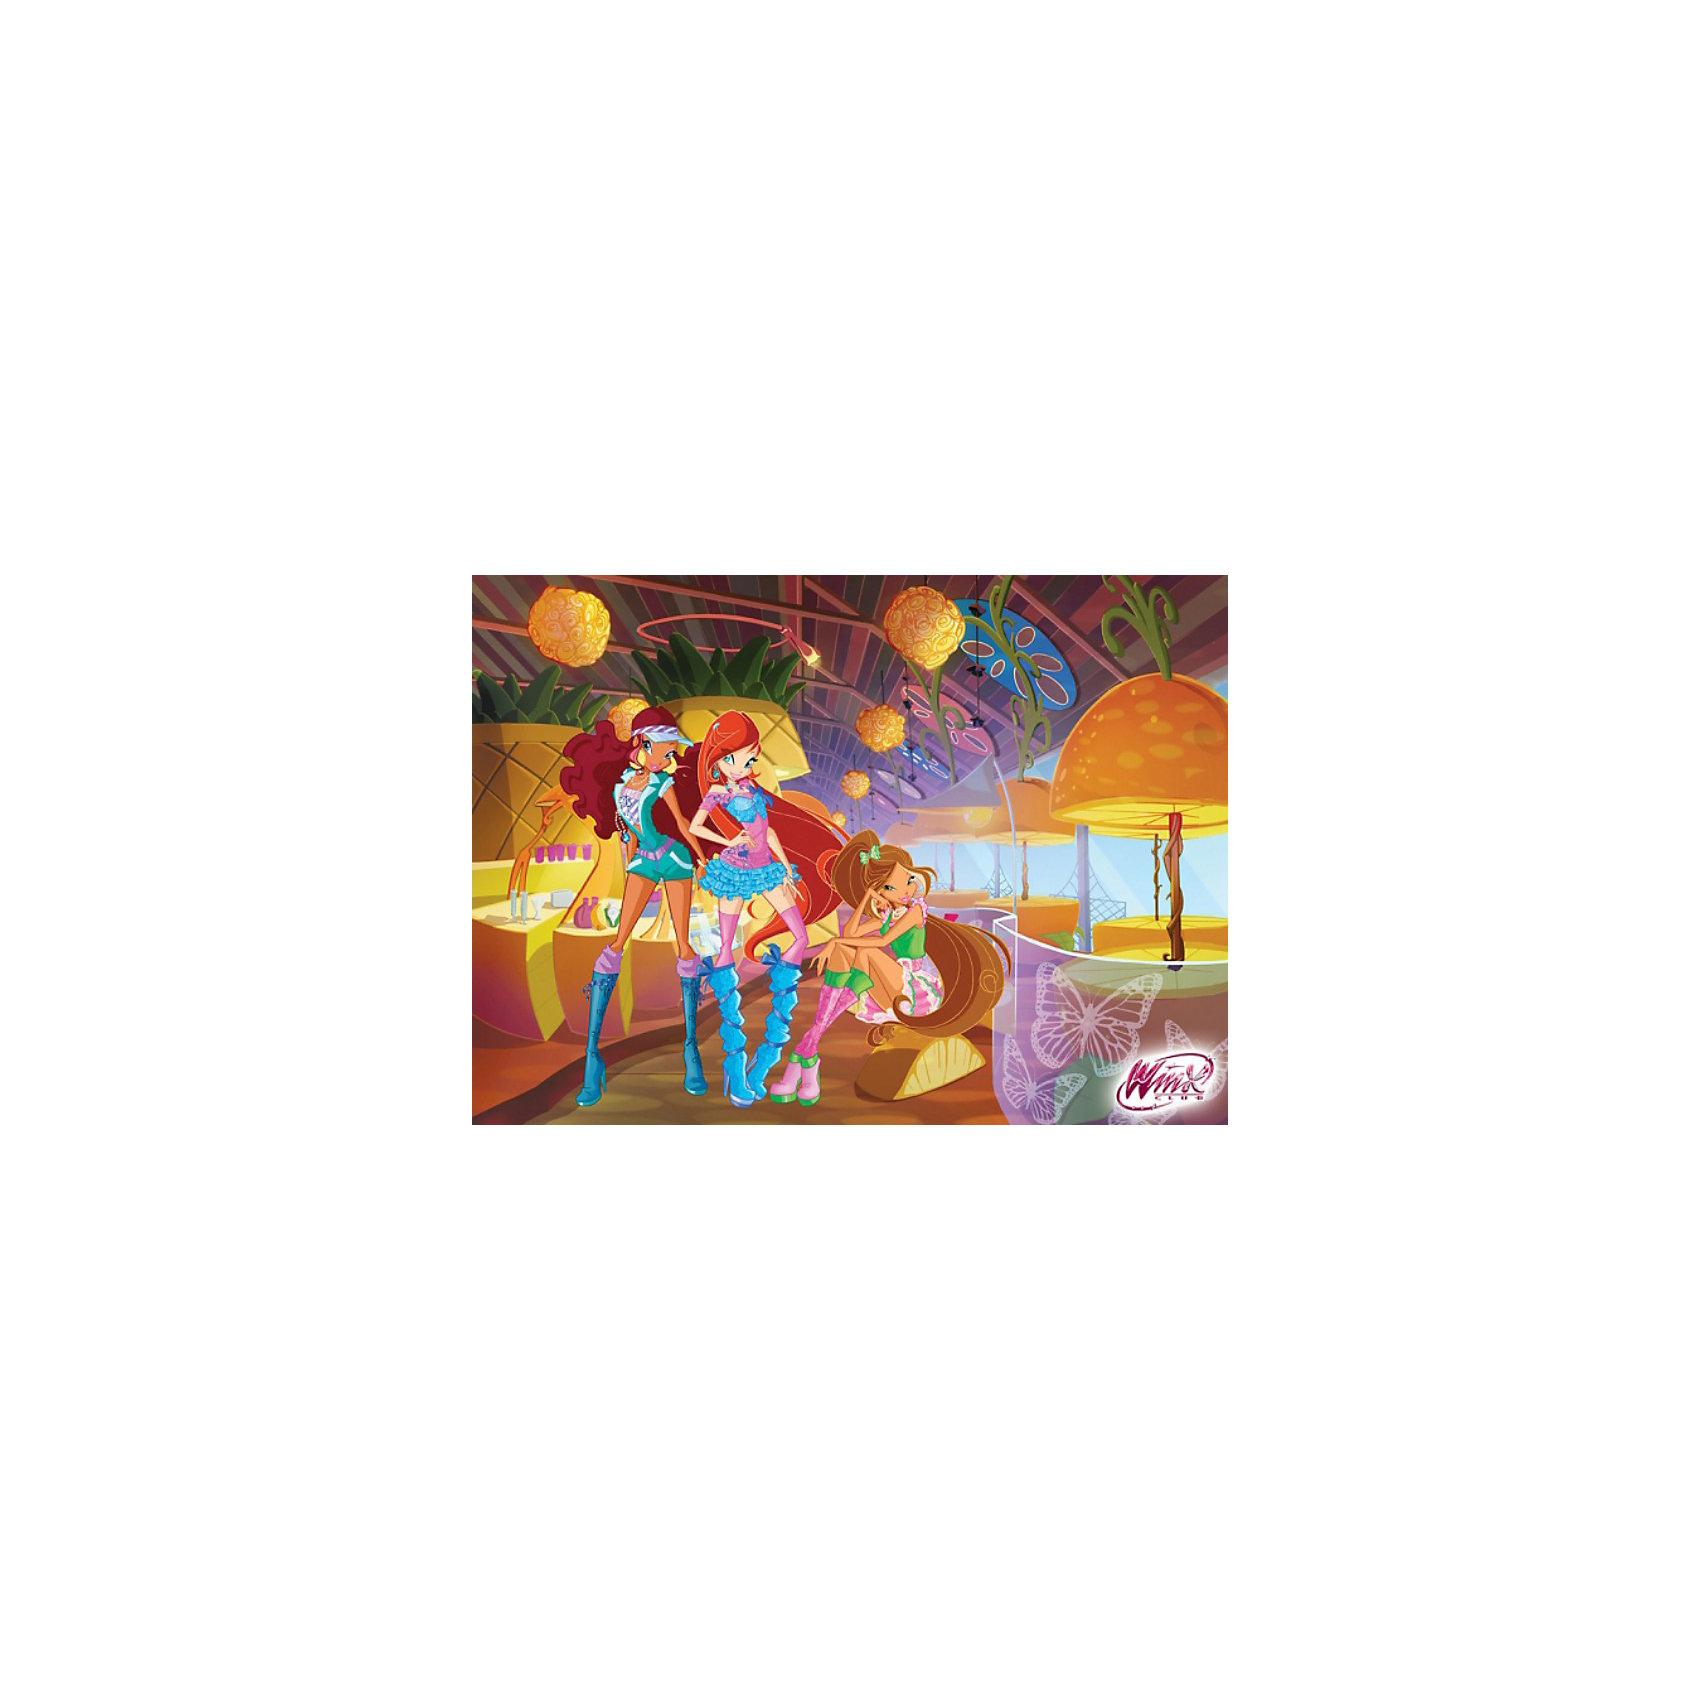 Пазл Вечеринка, Winx Club, 120 деталей, CastorlandКоличество деталей<br>Порадуйте себя и своего ребенка великолепным Пазлом Вечеринка, Winx Club (Винкс Клаб), 120 деталей, Castorland (Касторлэнд) с изображением героинь популярного мультфильма Школа волшебниц! <br><br>Несмотря на то, что феи Винкс обладают волшебной силой, они во многом напоминают обычных девочек – ходят в школу, любят музыку, играют, устраивают вечеринки.<br>Яркие и качественные детали этого пазла привлекут внимание ребенка и позволят ему с удовольствием собирать картинку.<br><br>Особенности:<br>-Способствуют развитию образного и логического мышления, наблюдательности, мелкой моторики<br>-Высокое качество: точная нарезка, обеспечивающая стыковку деталей, качественная проработка деталей картинки, яркая цветовая гамма<br>-Изготовлено из экологического сырья<br>-Матовая поверхность исключает неприятные отблески<br><br>Комплектация: 120 деталей<br><br>Дополнительная информация:<br><br>-Размеры собранного пазла: 32х23 см<br>-Материал: картон<br><br>Пазл «Вечеринка» – отличное развлечение для всех девочек, которые любят мультик про Школу Волшебниц!<br><br>Пазл Вечеринка, Winx Club (Винкс Клаб), 120 деталей, Castorland (Касторлэнд) можно купить в нашем магазине.<br><br>Ширина мм: 175<br>Глубина мм: 130<br>Высота мм: 37<br>Вес г: 150<br>Возраст от месяцев: 36<br>Возраст до месяцев: 1188<br>Пол: Женский<br>Возраст: Детский<br>Количество деталей: 120<br>SKU: 3574401